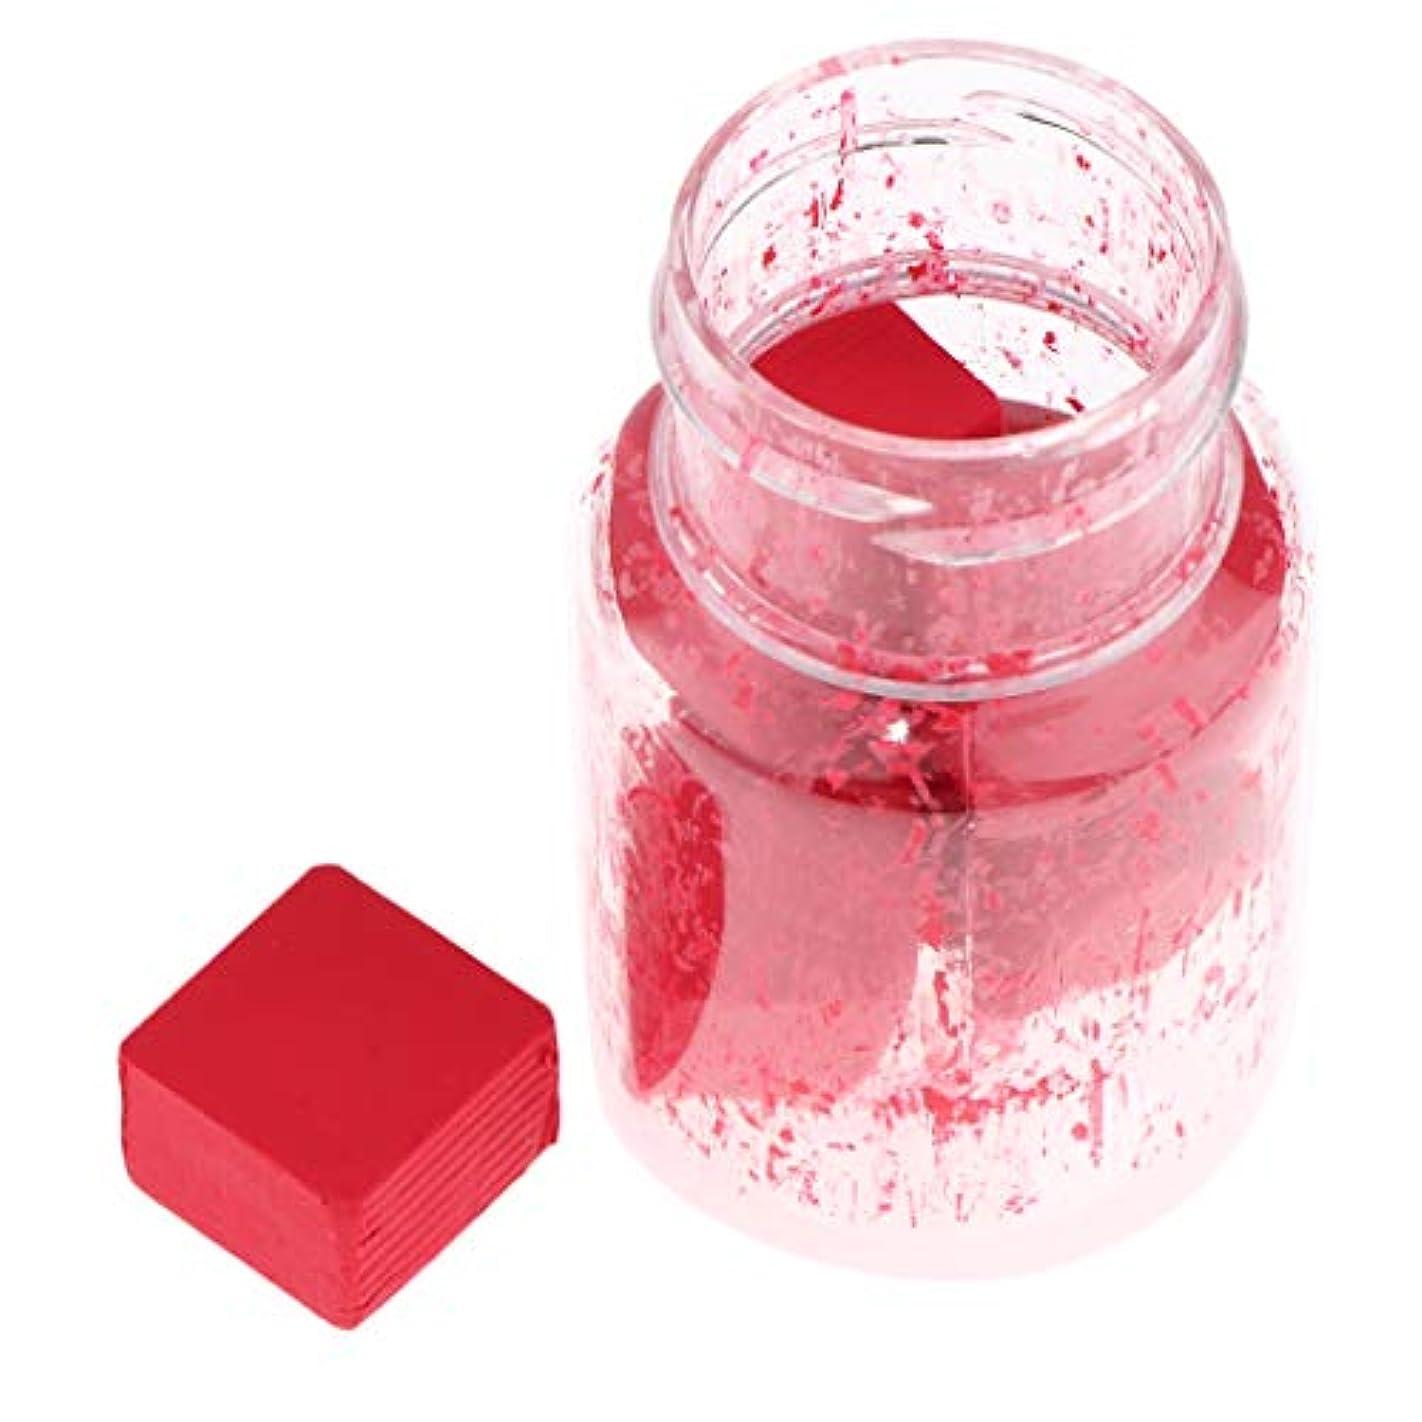 下間違えた敵DIY 口紅作り リップスティック材料 リップライナー顔料 2g DIY化粧品 9色選択でき - B